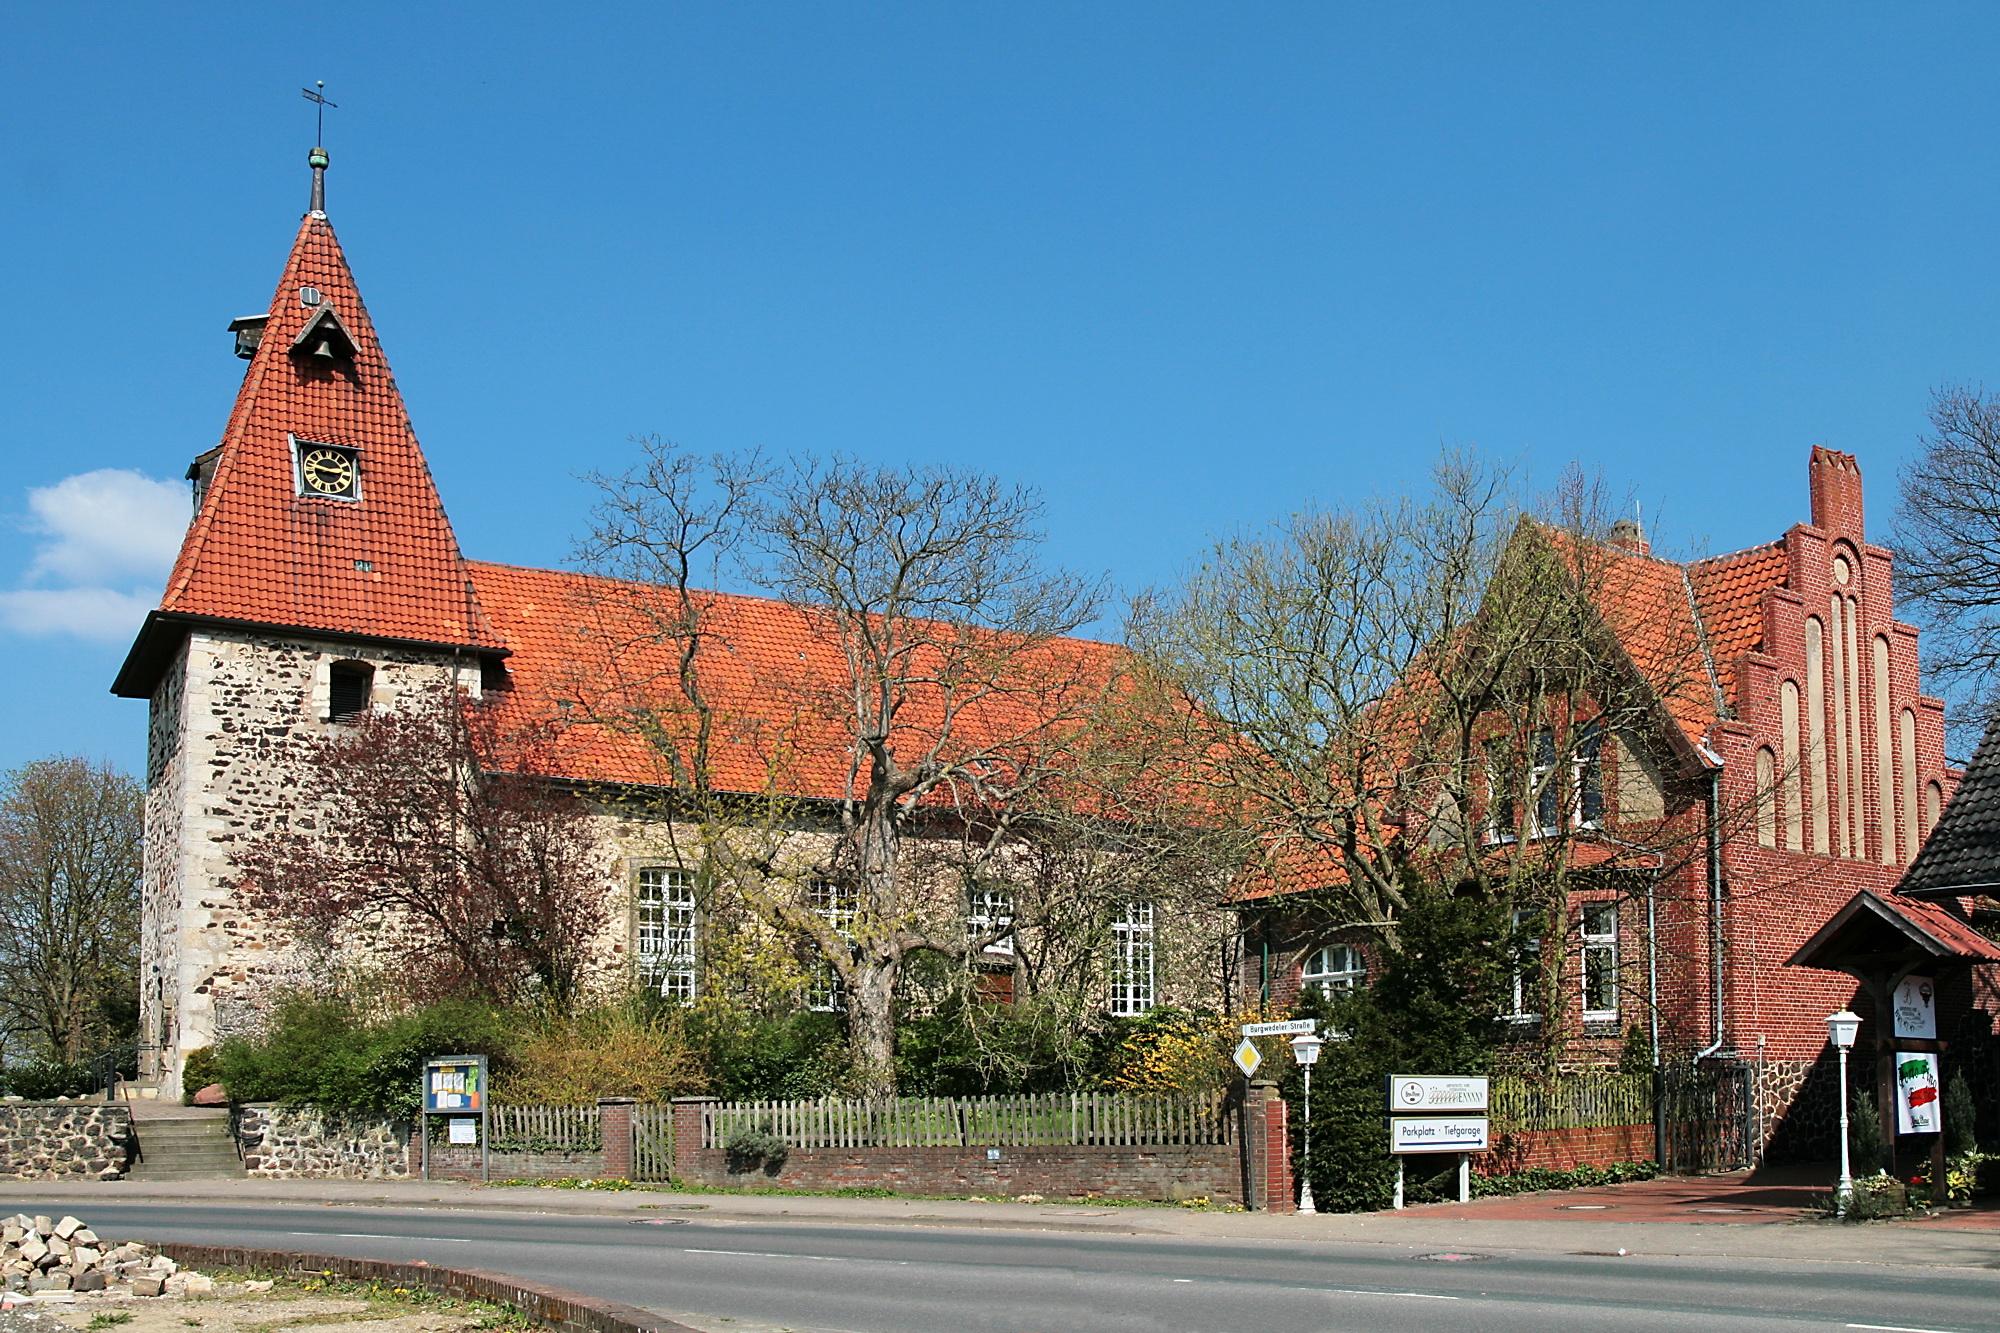 Bild von Wedemark: Michaeliskirche in Bissendorf